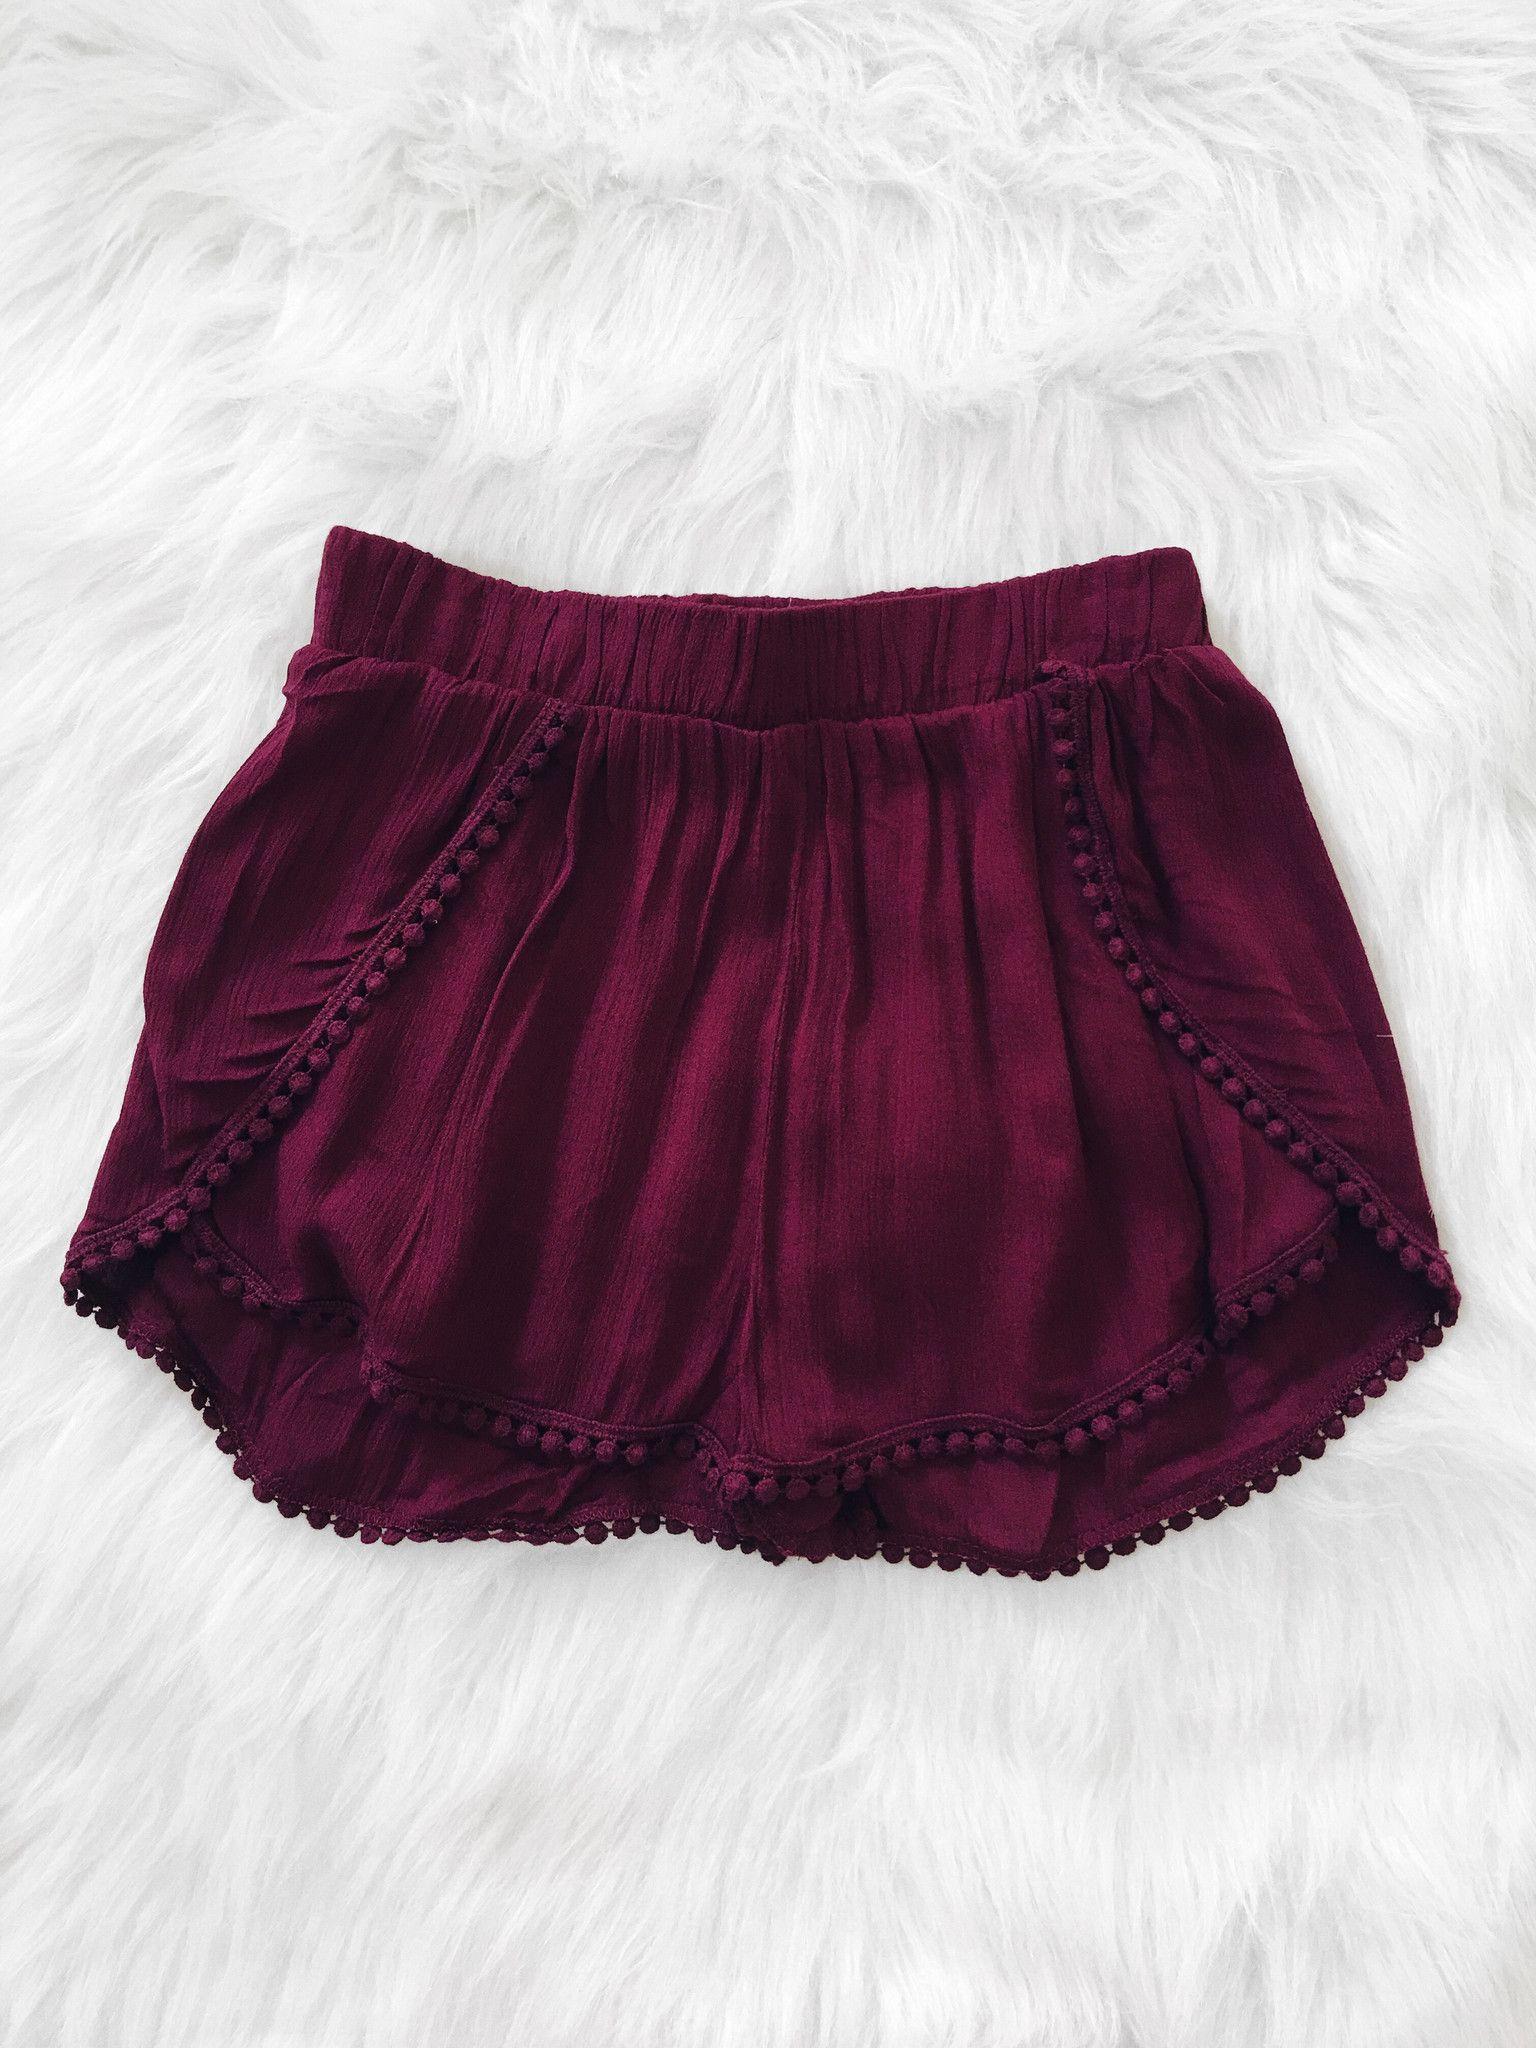 Pom Pom Hem Shorts (Burgundy) …   Pinteres…